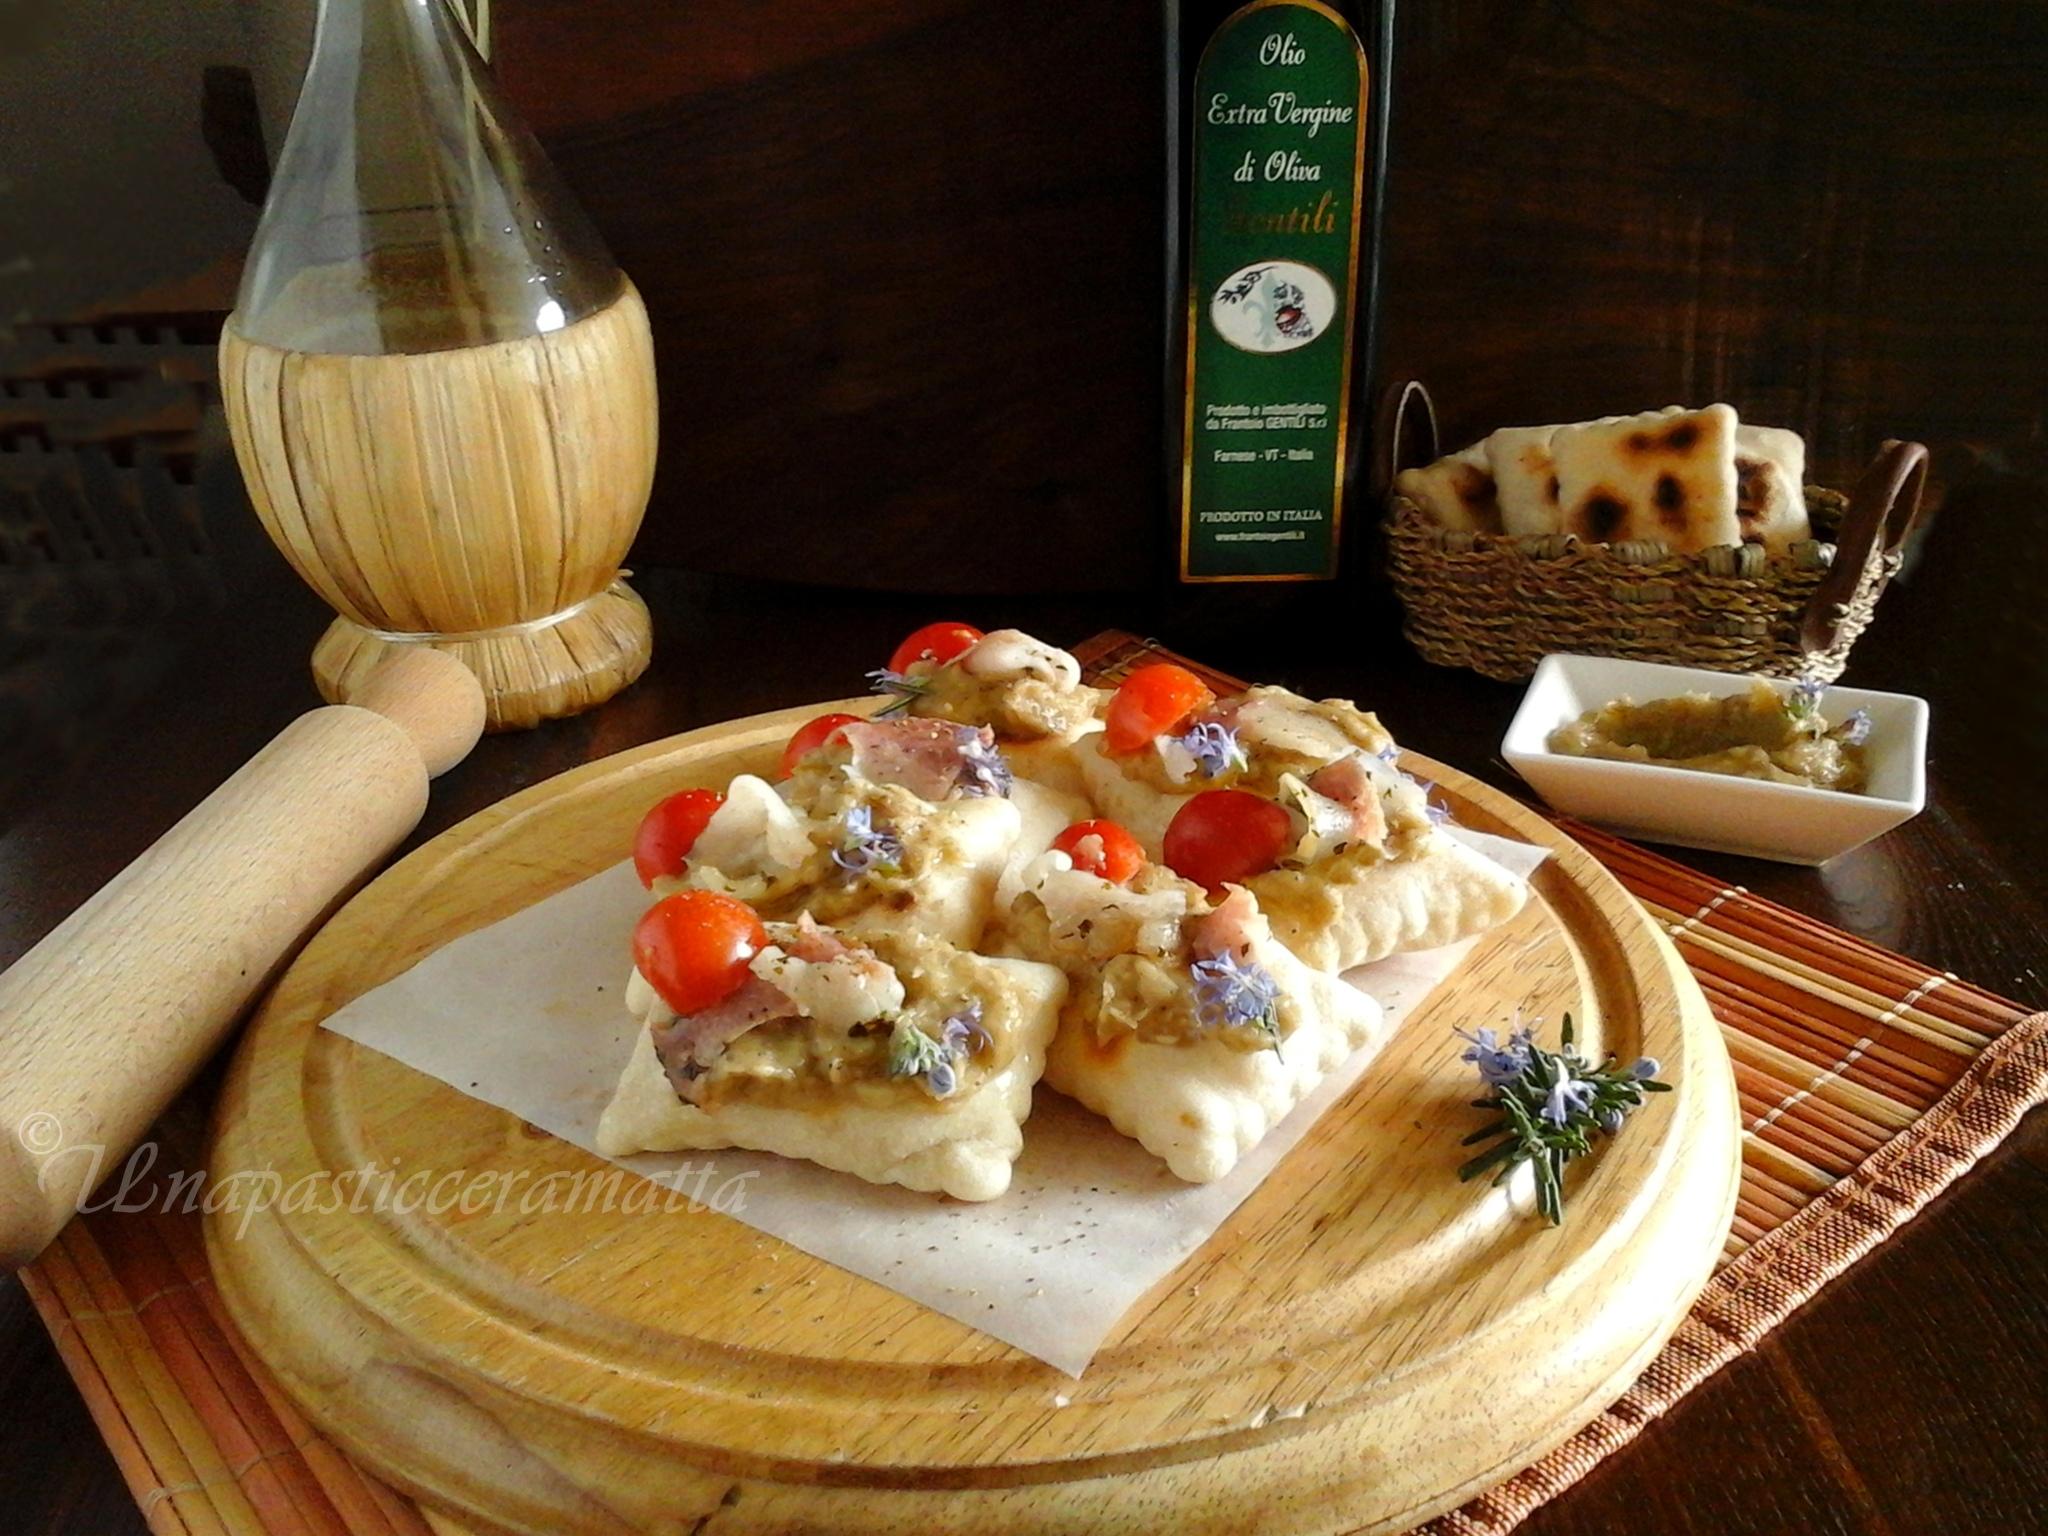 Tigelle con pasta madre, crema di melanzane Lapasticceramatta